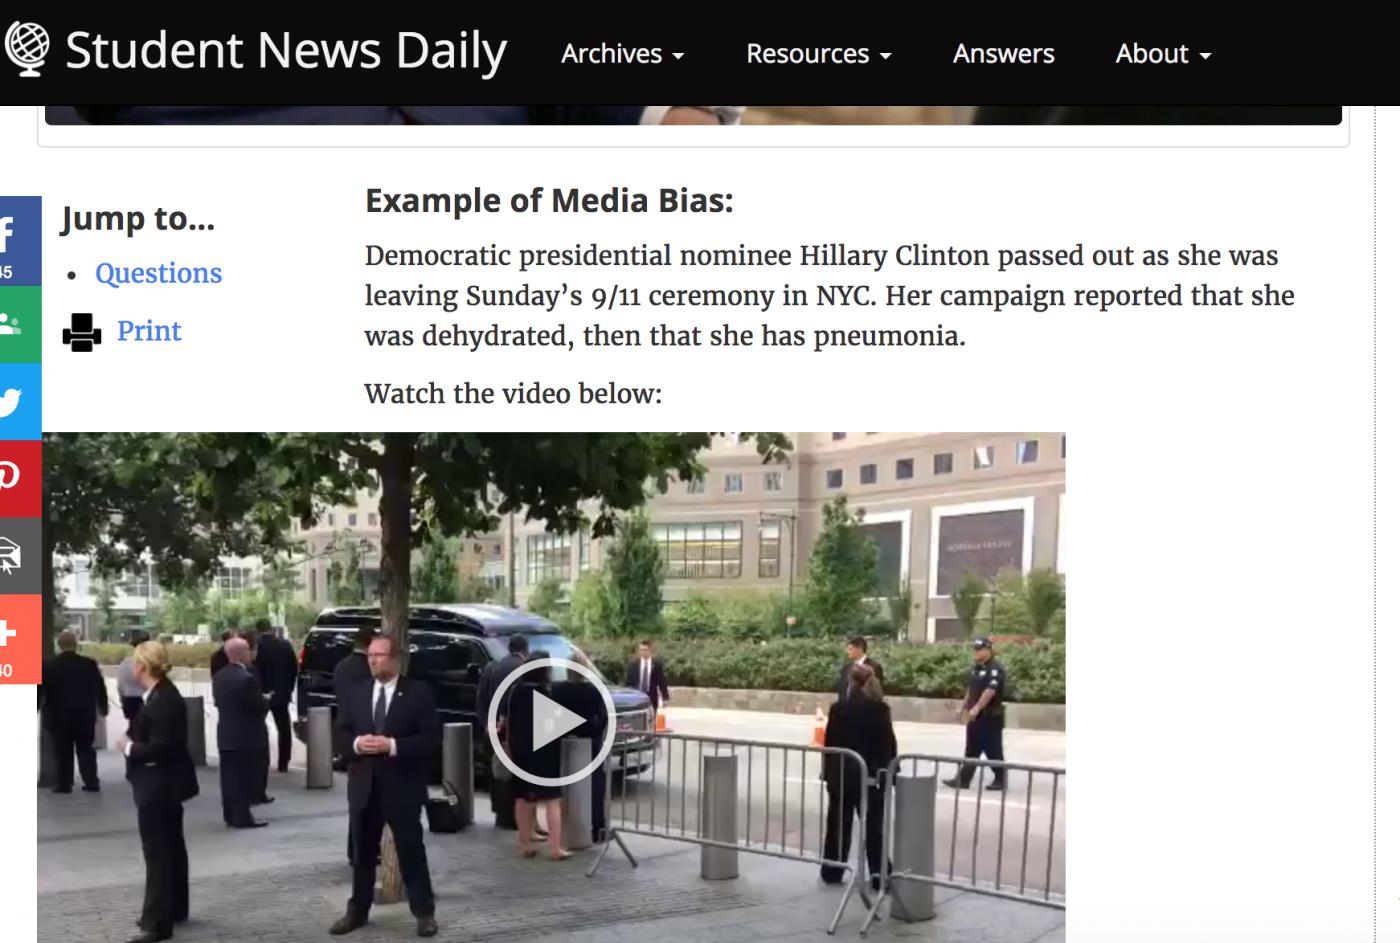 川普和主流媒体杠上了!CNN和纽时真有那么不堪吗? ..._图1-4